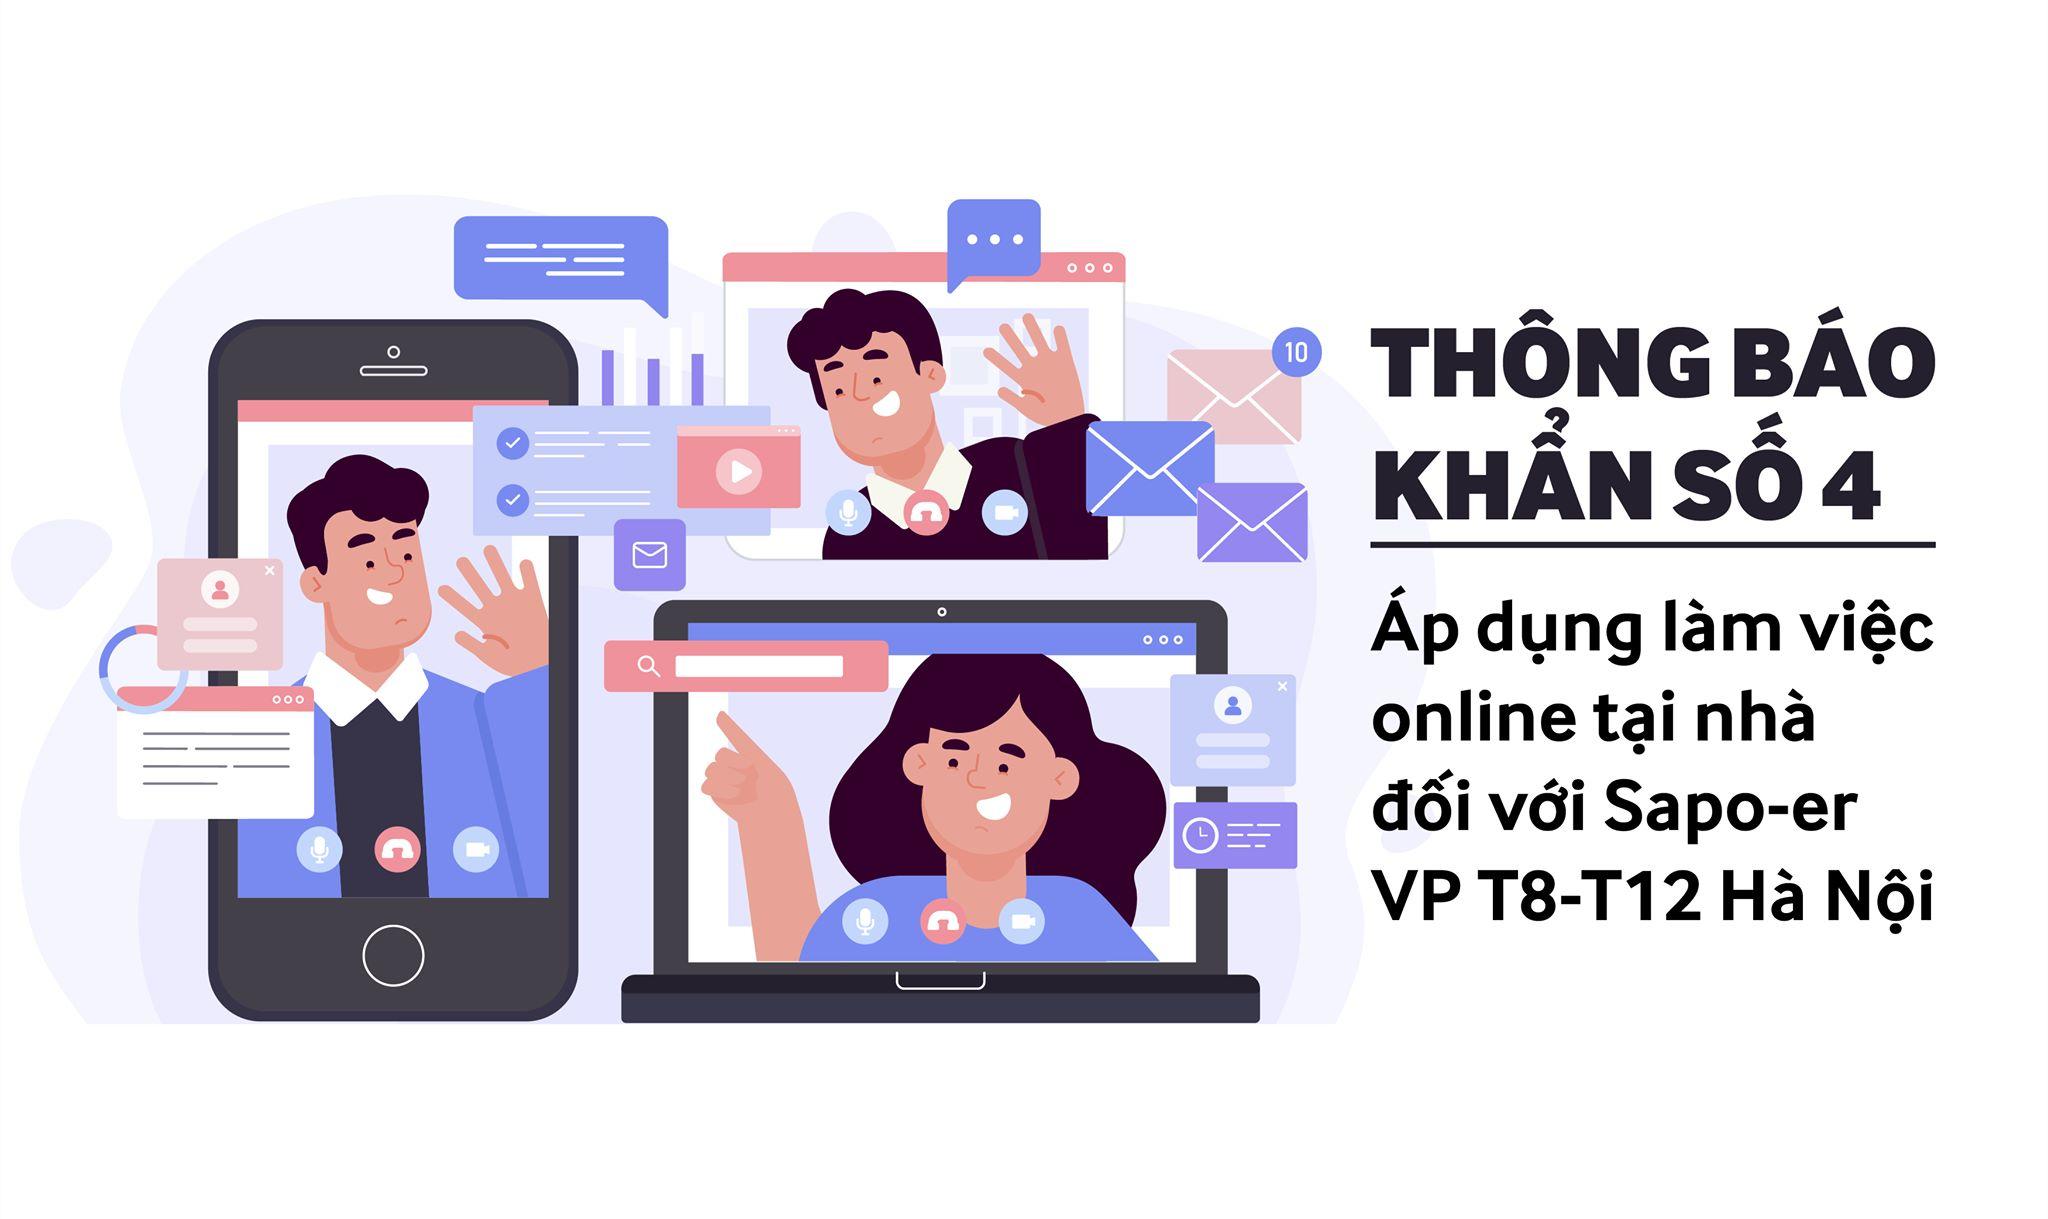 [THÔNG BÁO KHẨN SỐ 4: Kích hoạt chế độ làm việc online tại nhà đối với Sapoer tầng 8 & tầng 12]